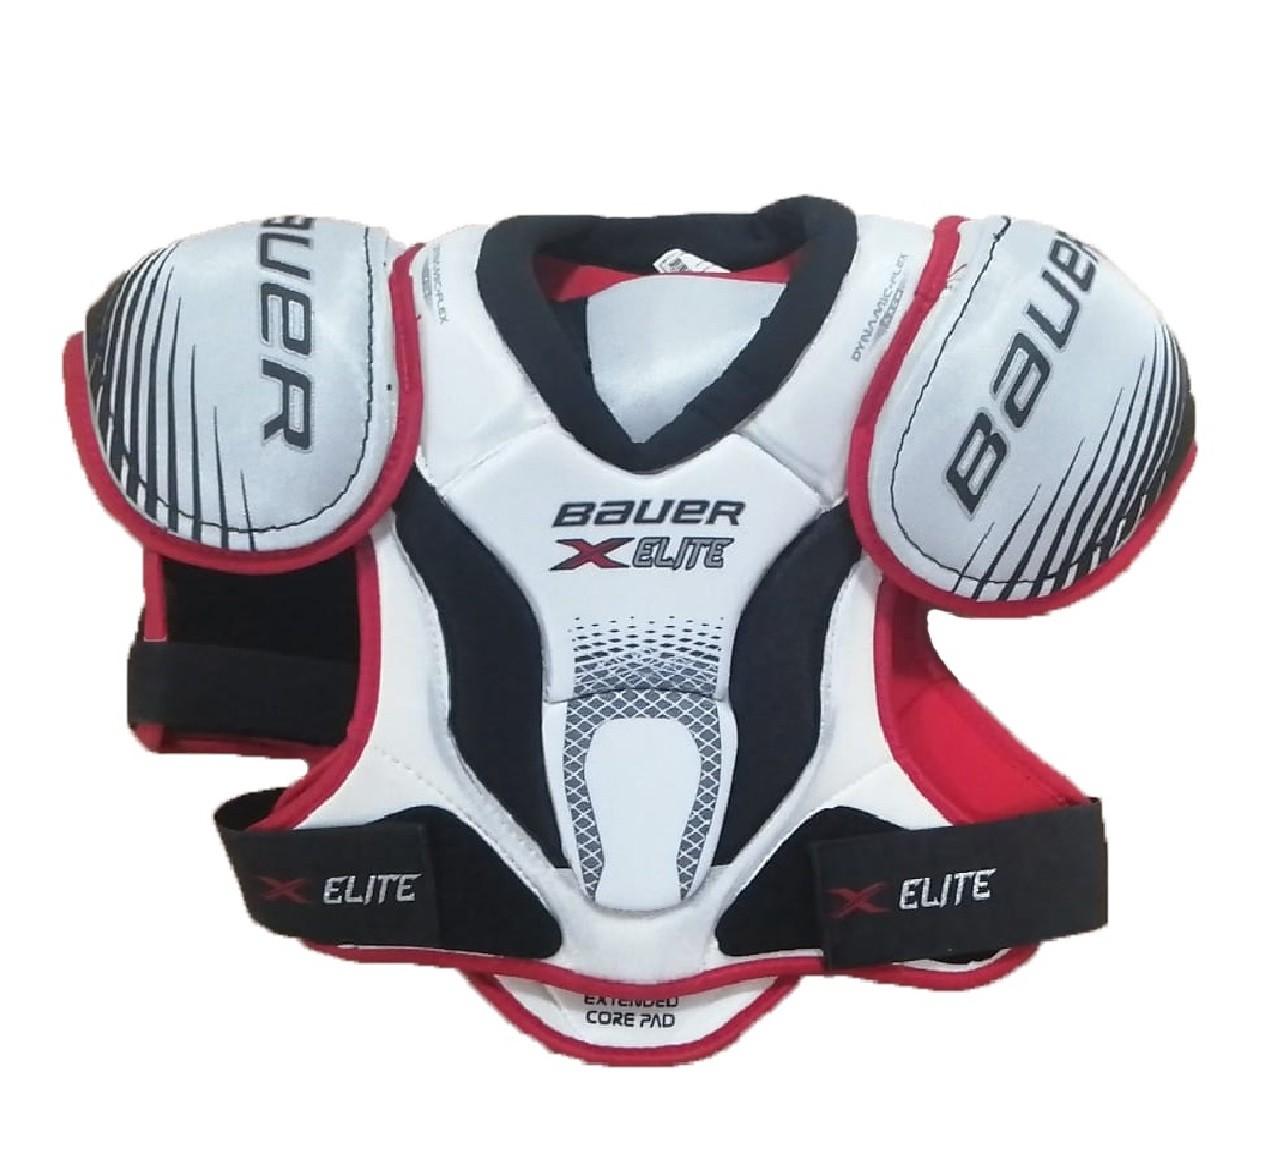 Bauer Vapor X Elite Senior Shoulder Pads